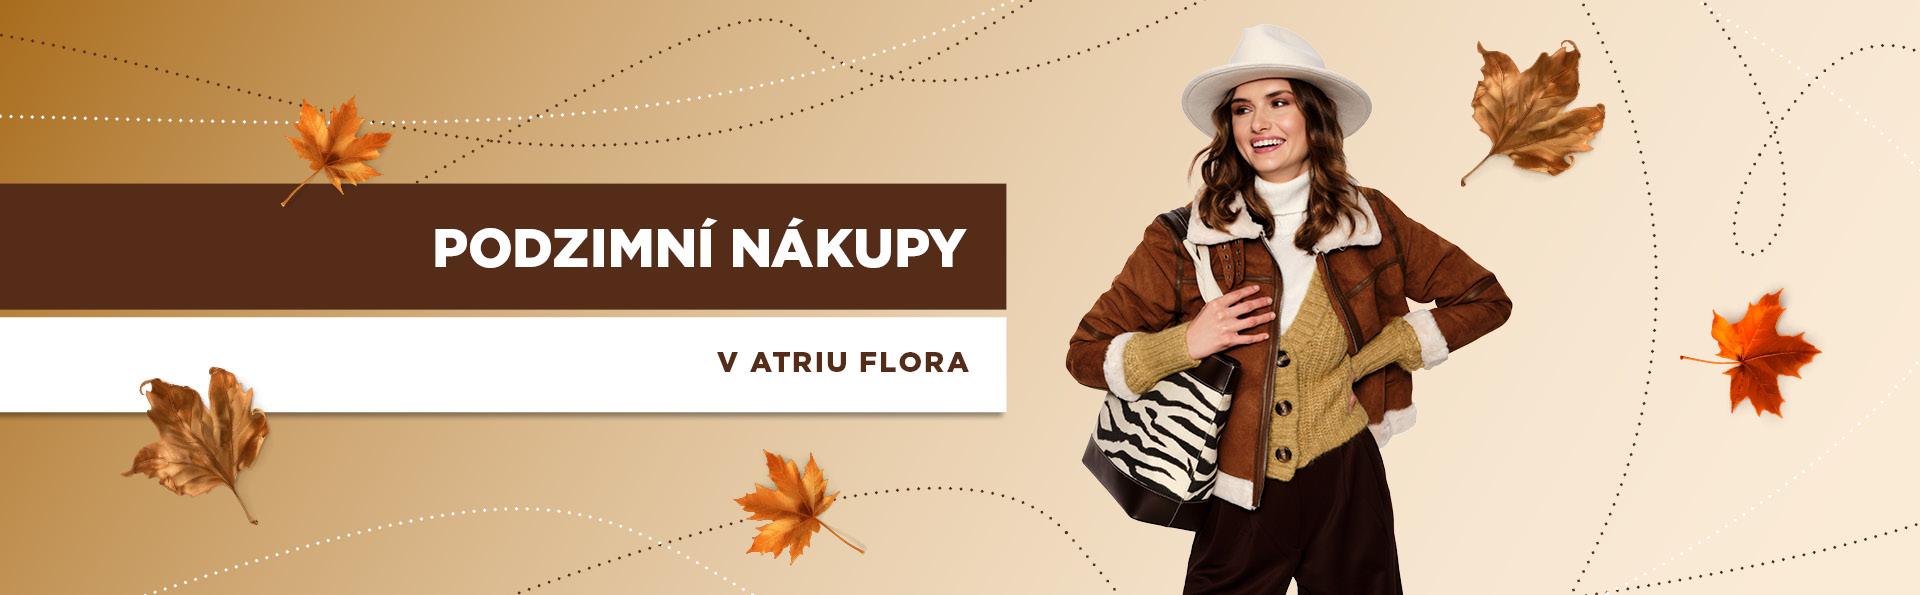 Podzimní nákupy v Atriu Flora